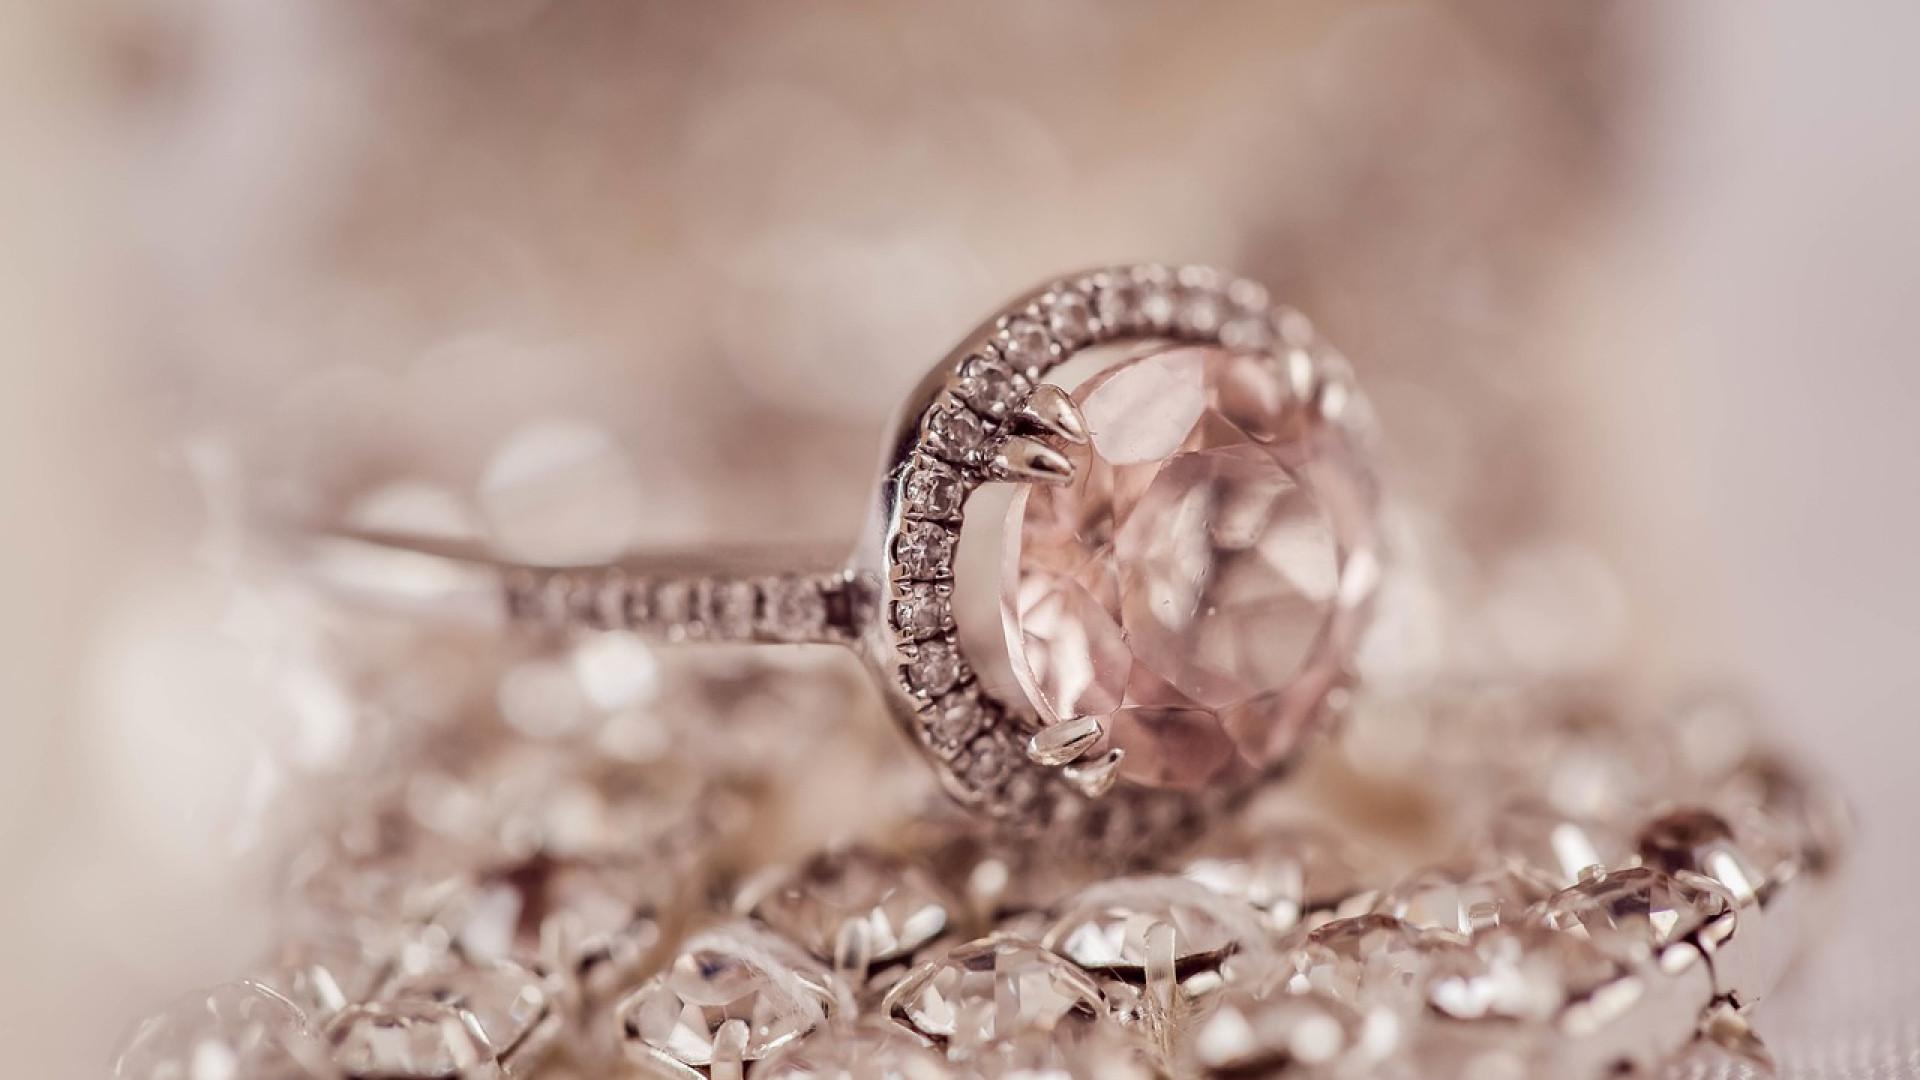 Revendre ses bijoux de valeur, comment procéder sans risquer l'impair ?